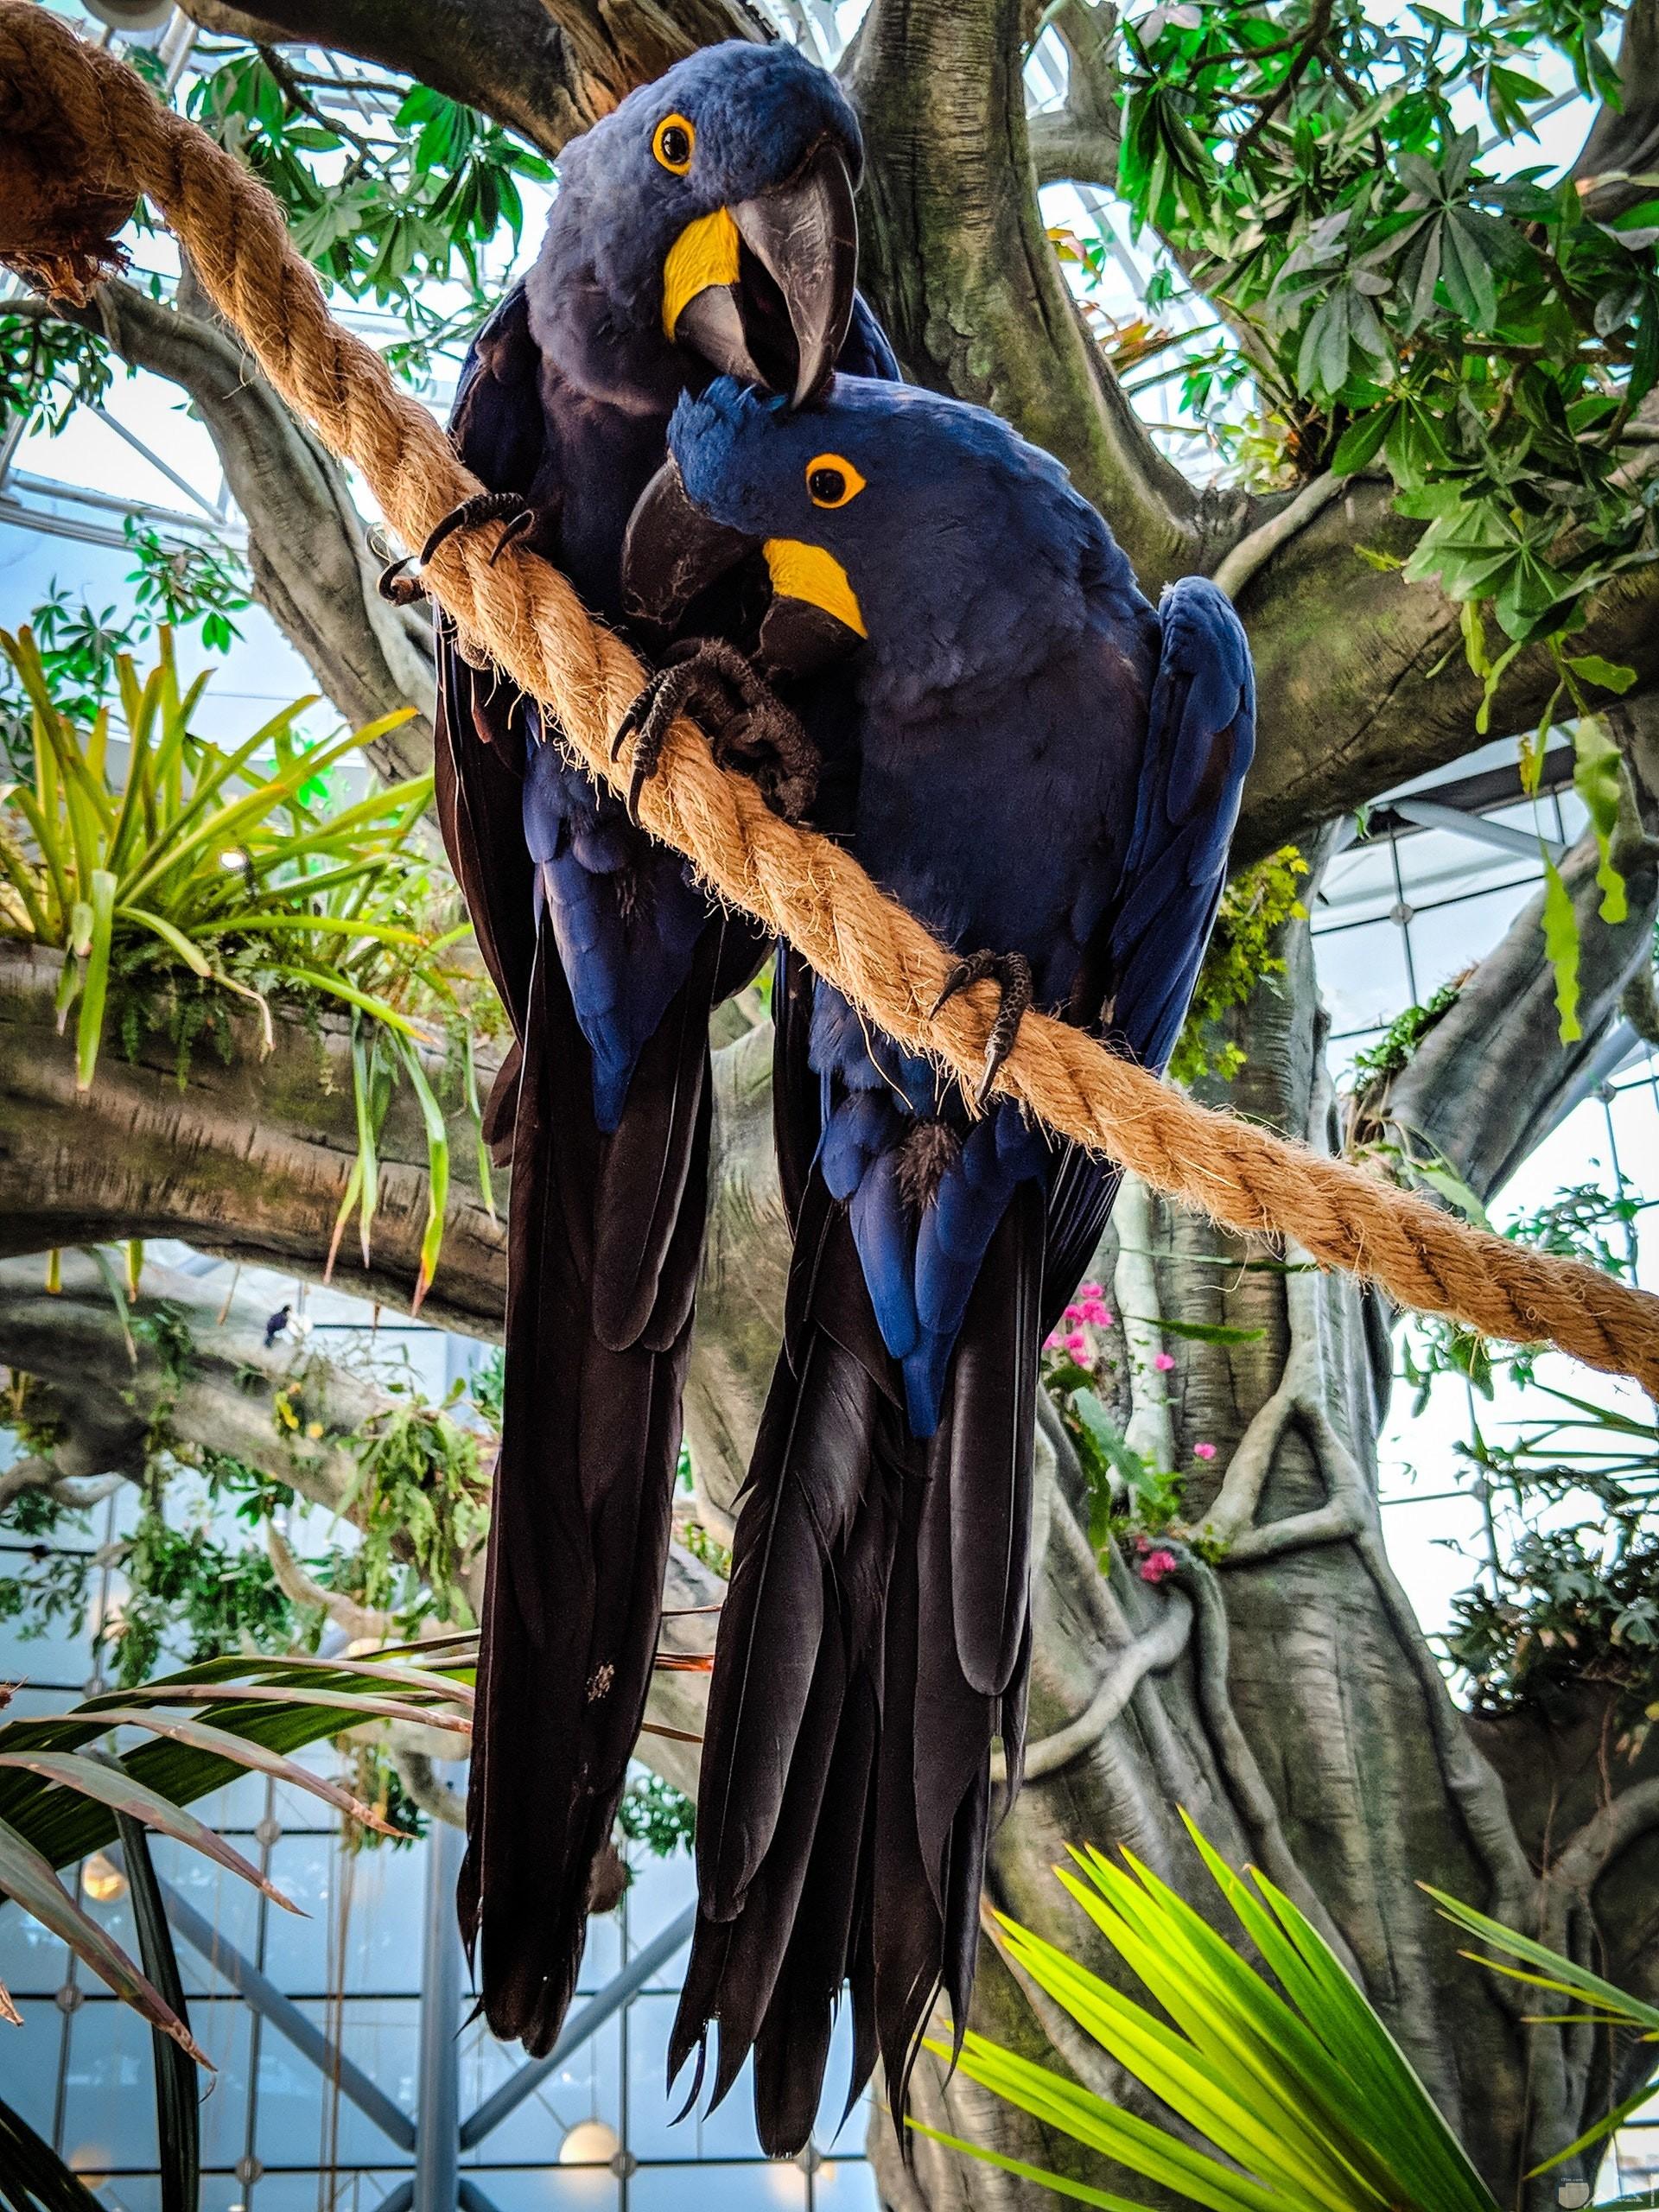 صورة مميزة جدا لطائران جميلان ملونان باللون الأزرق والأسود وجزء من منقارهم باللون الأصفر واقفان علي الحبل